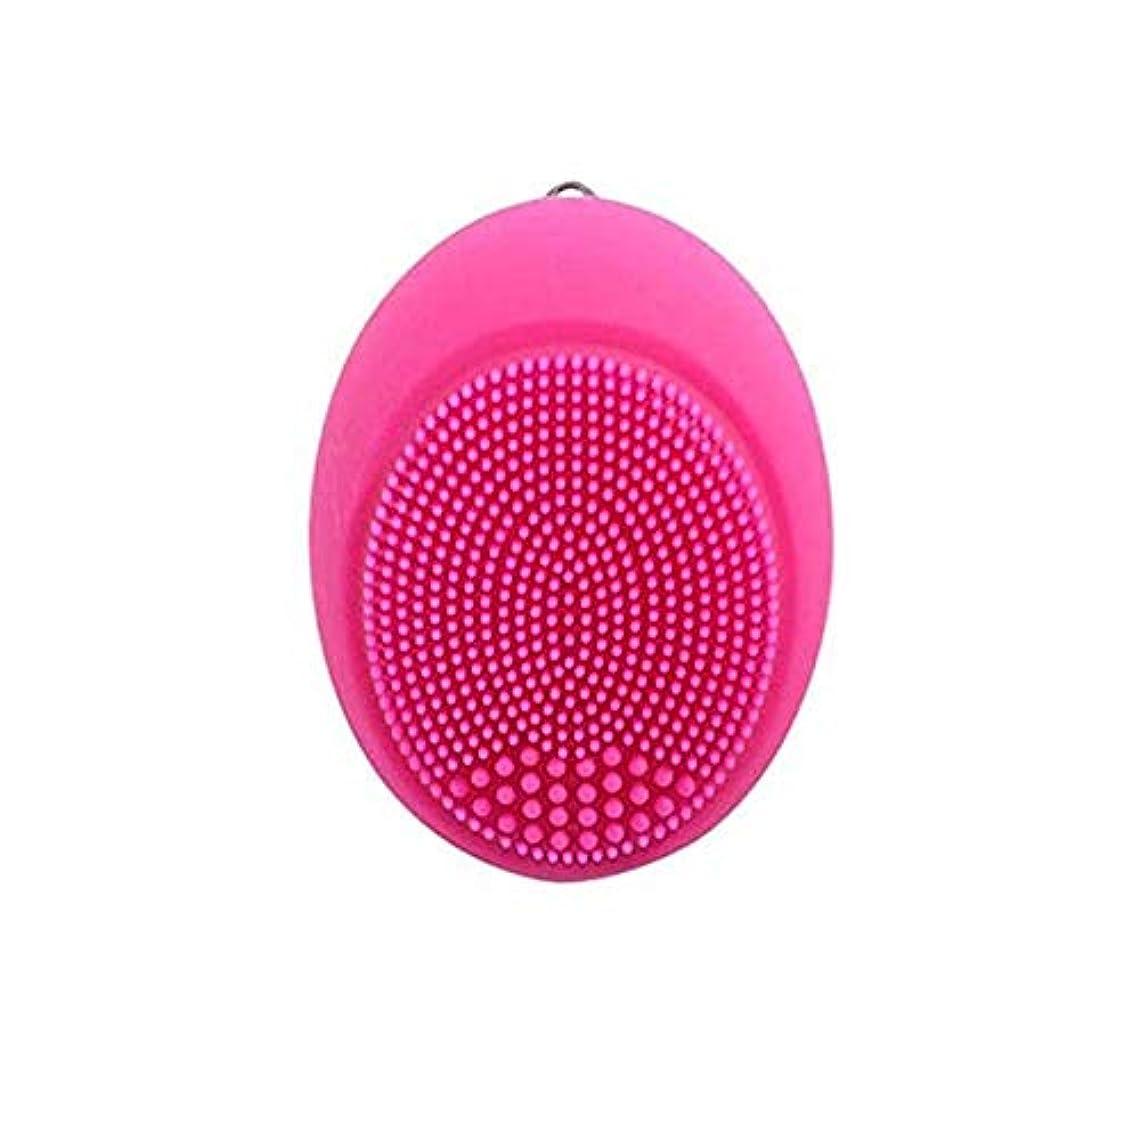 アプライアンス列挙する吸収するソニックバイブレーションフェイシャルクレンジングブラシ、シリコンディープクレンジングブラシスキンクレンザーアンチエイジングジェントルエクスフォリエイティングリジュビネイトスキンマルチカラー (Color : Rose pink)